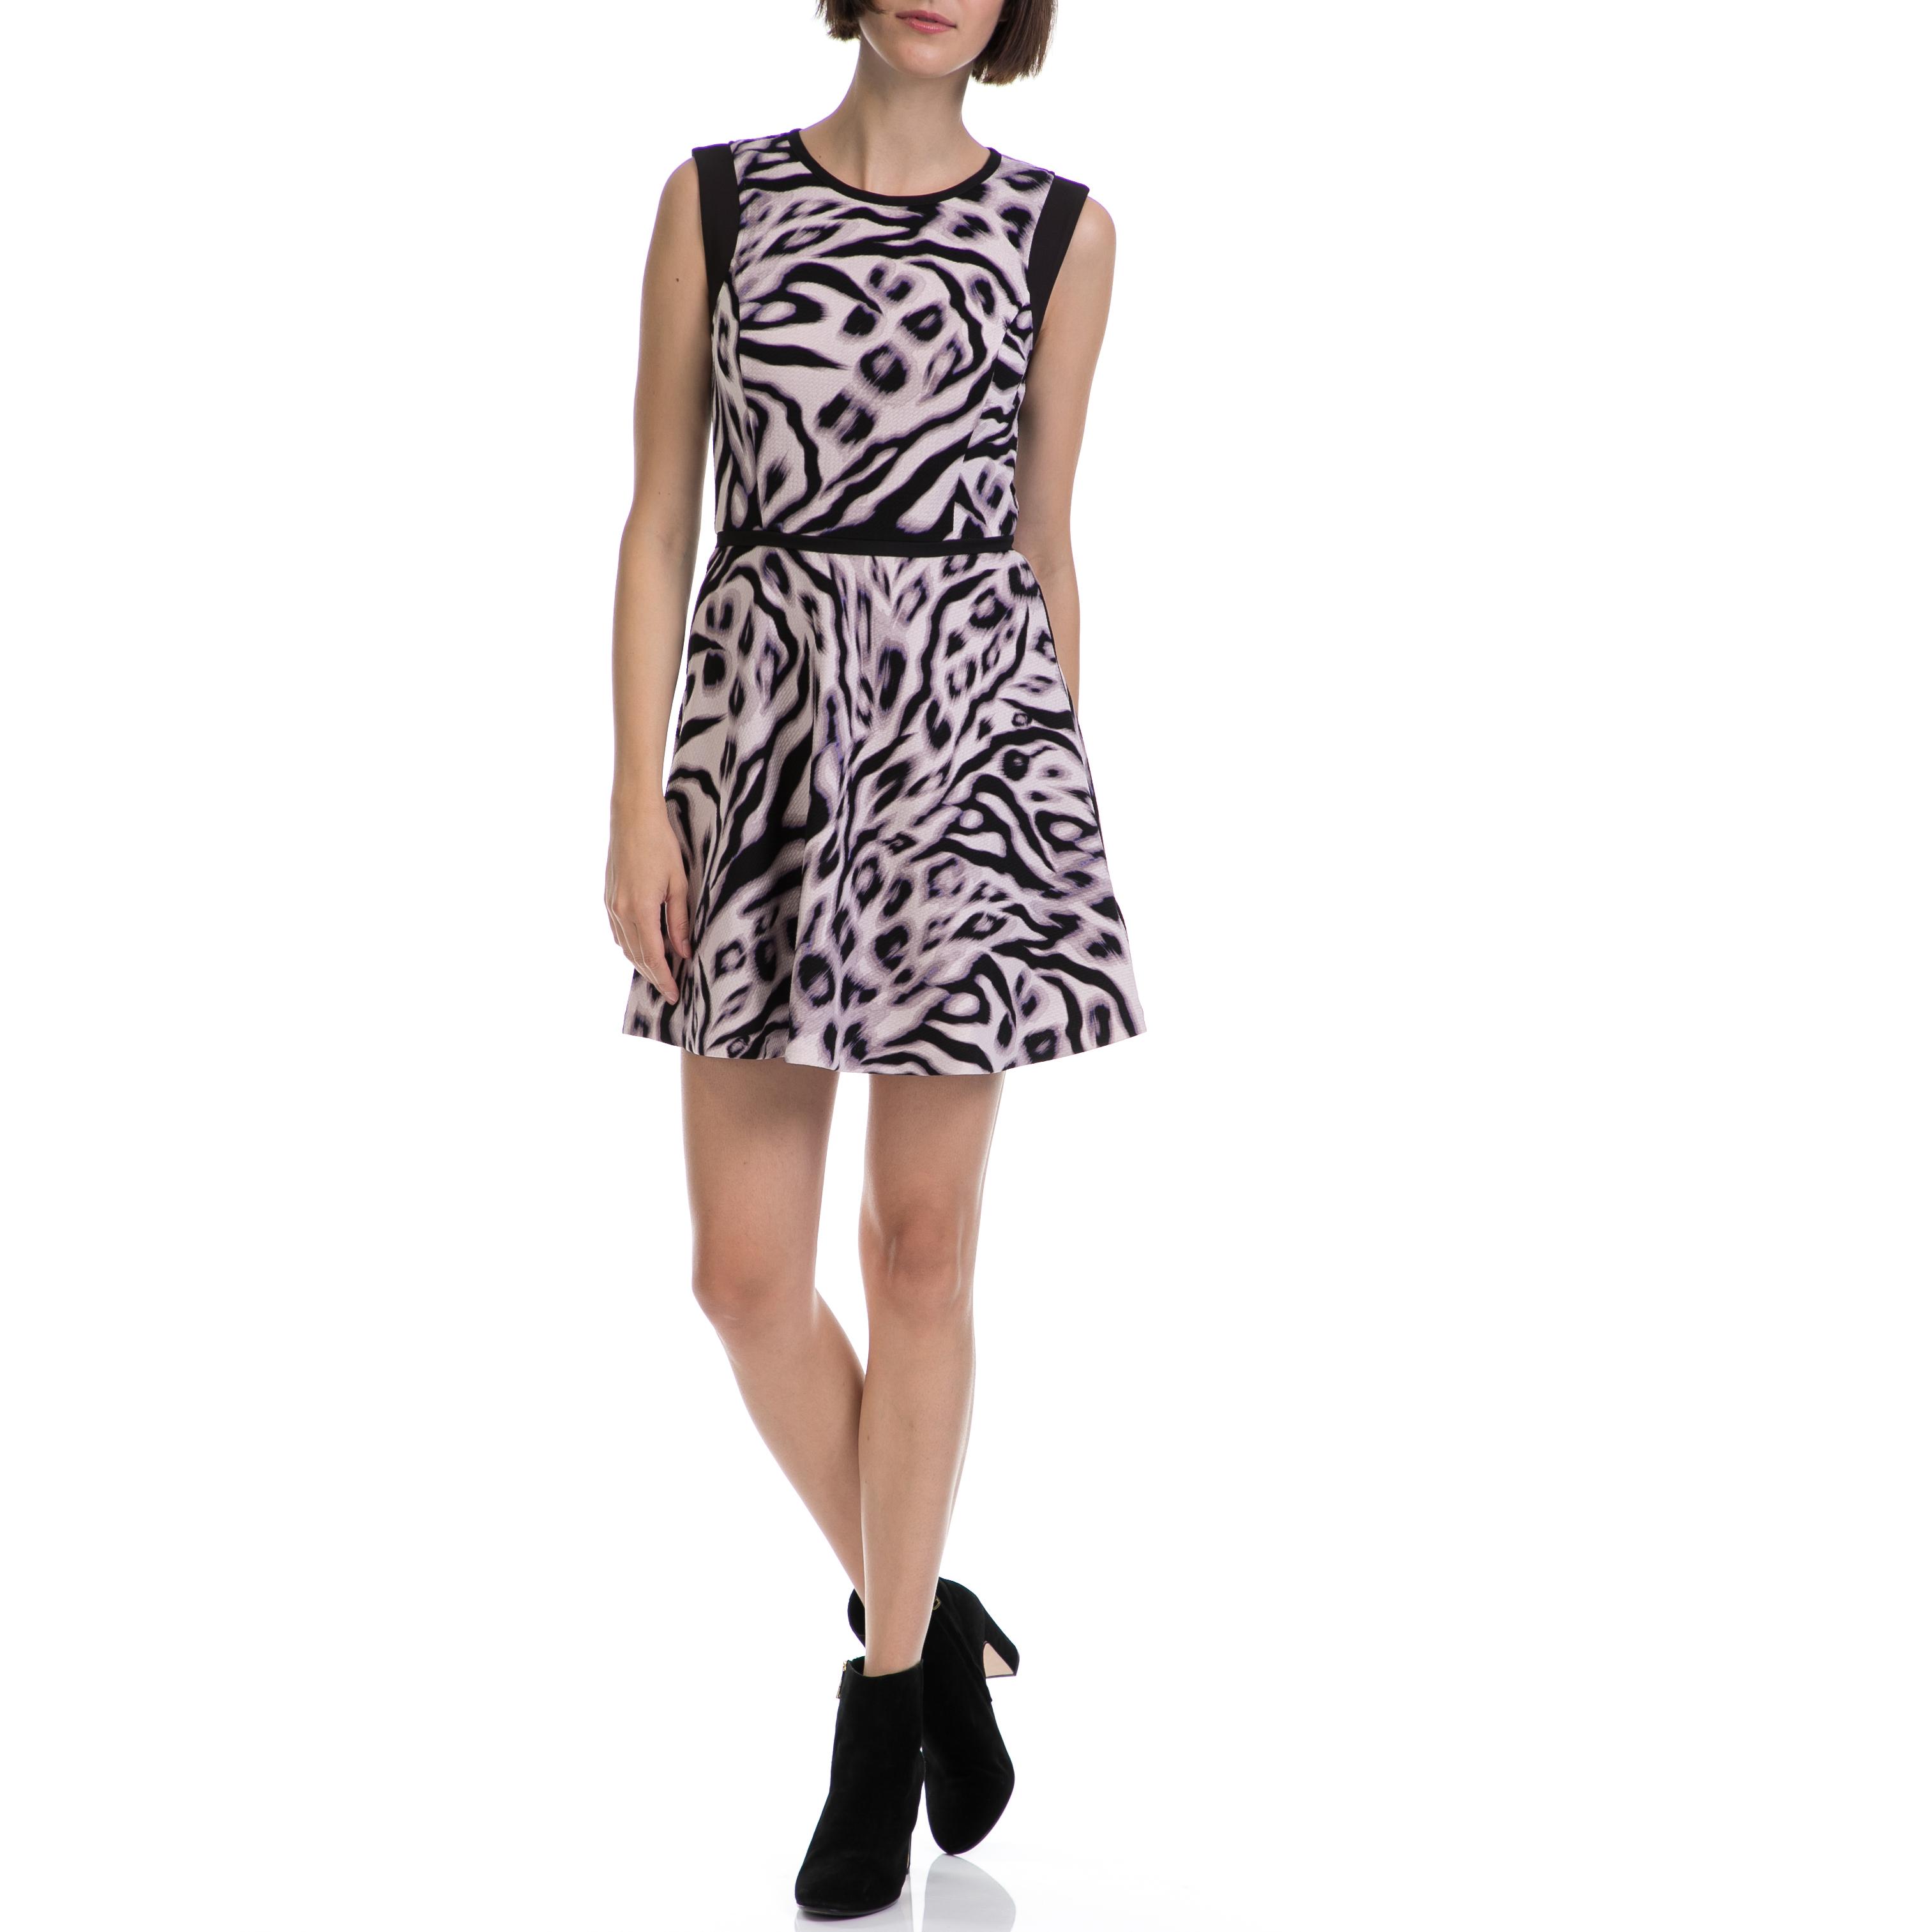 JUICY COUTURE - Γυναικείο φόρεμα JUICY COUTURE μαύρο-ροζ γυναικεία ρούχα φορέματα μίνι